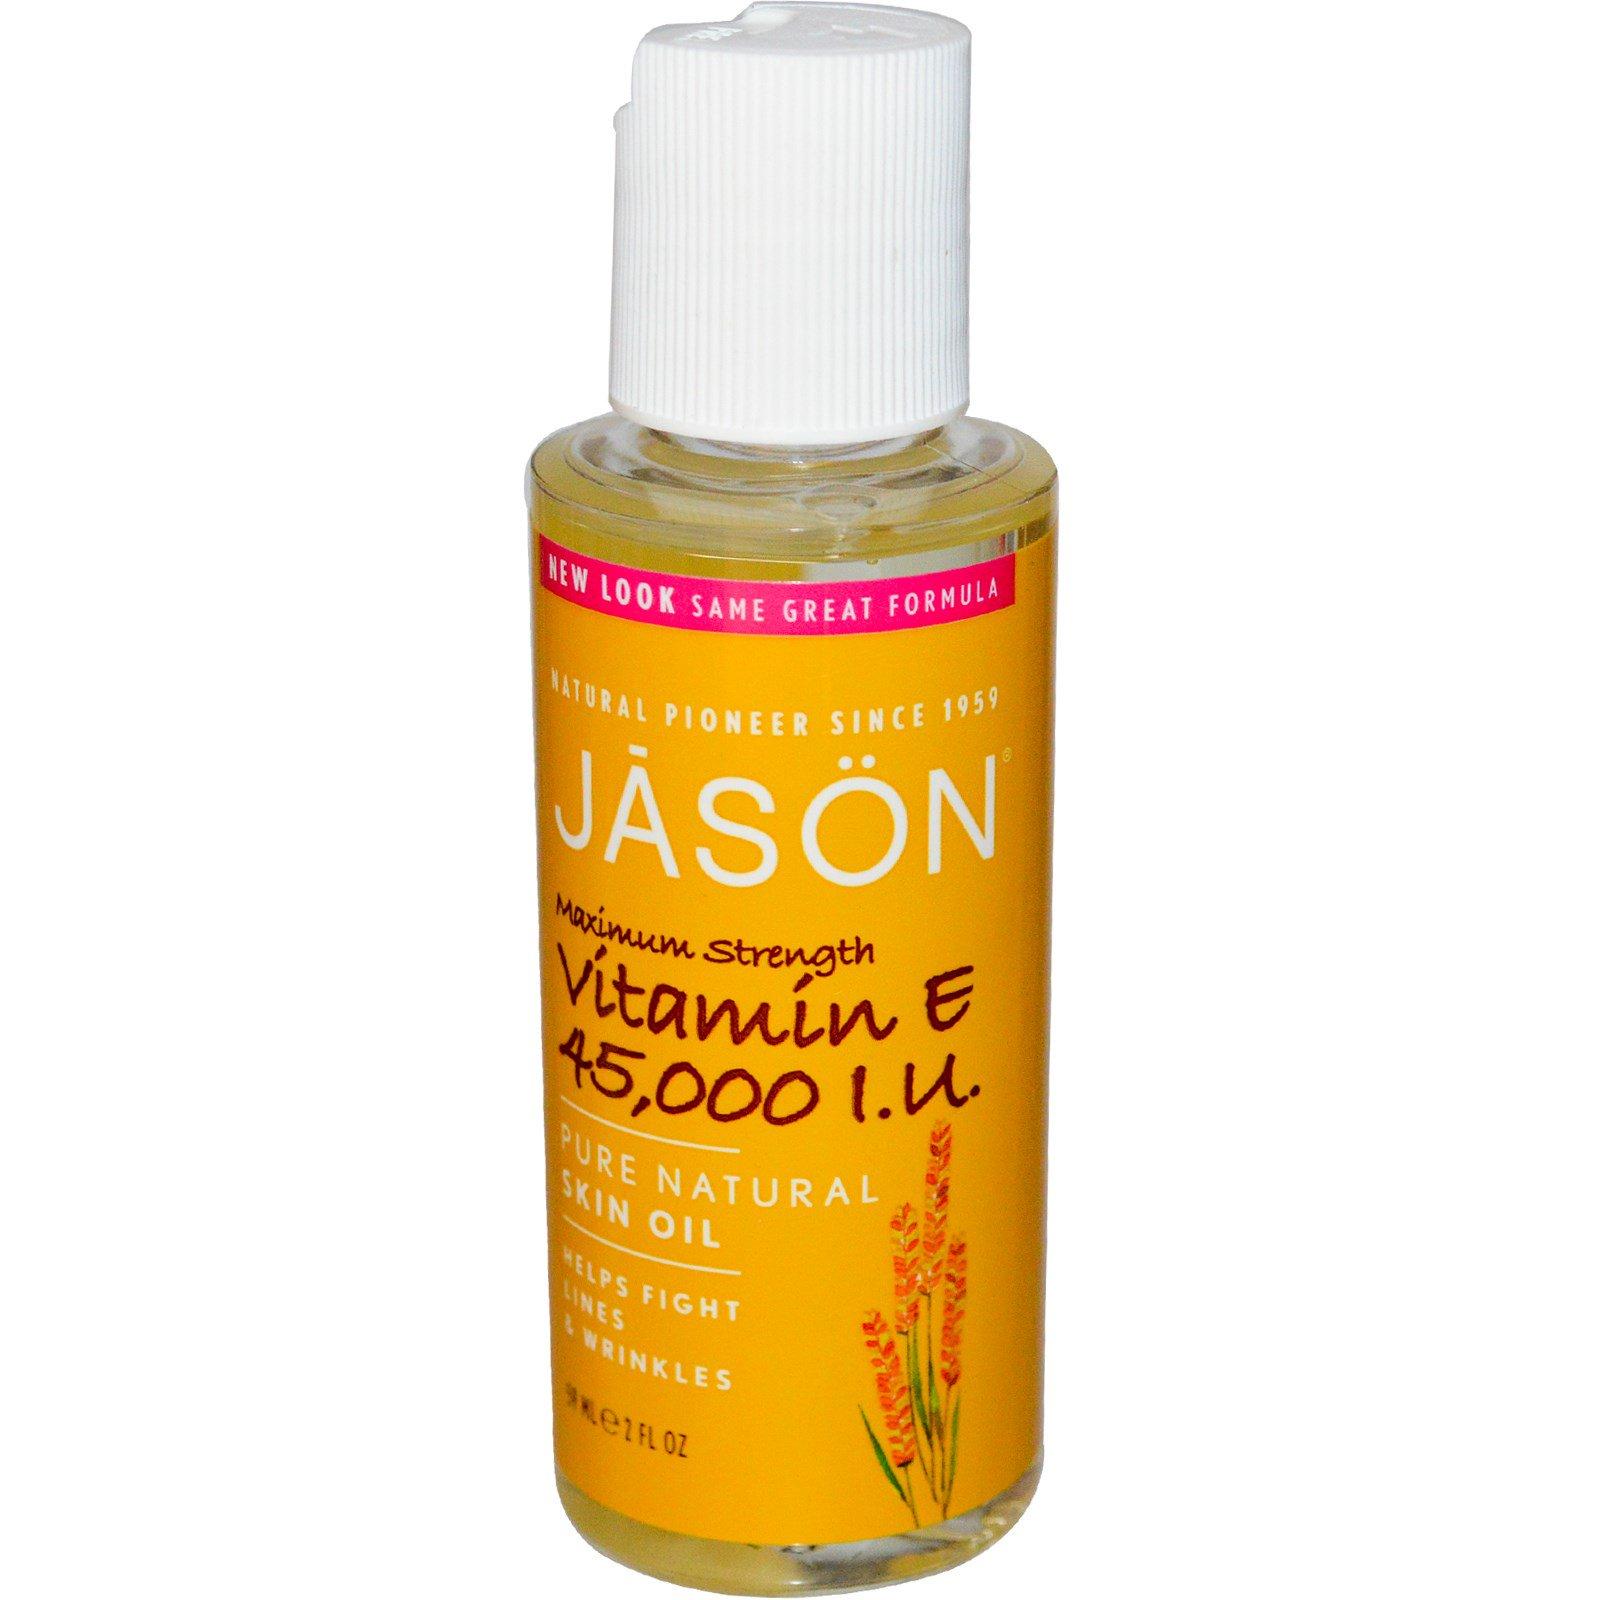 Jason Natural, Чистое, натуральное масло для кожи, Максимальная сила витамина E, 45 000 МЕ, 2 жидких унции (59 мл)